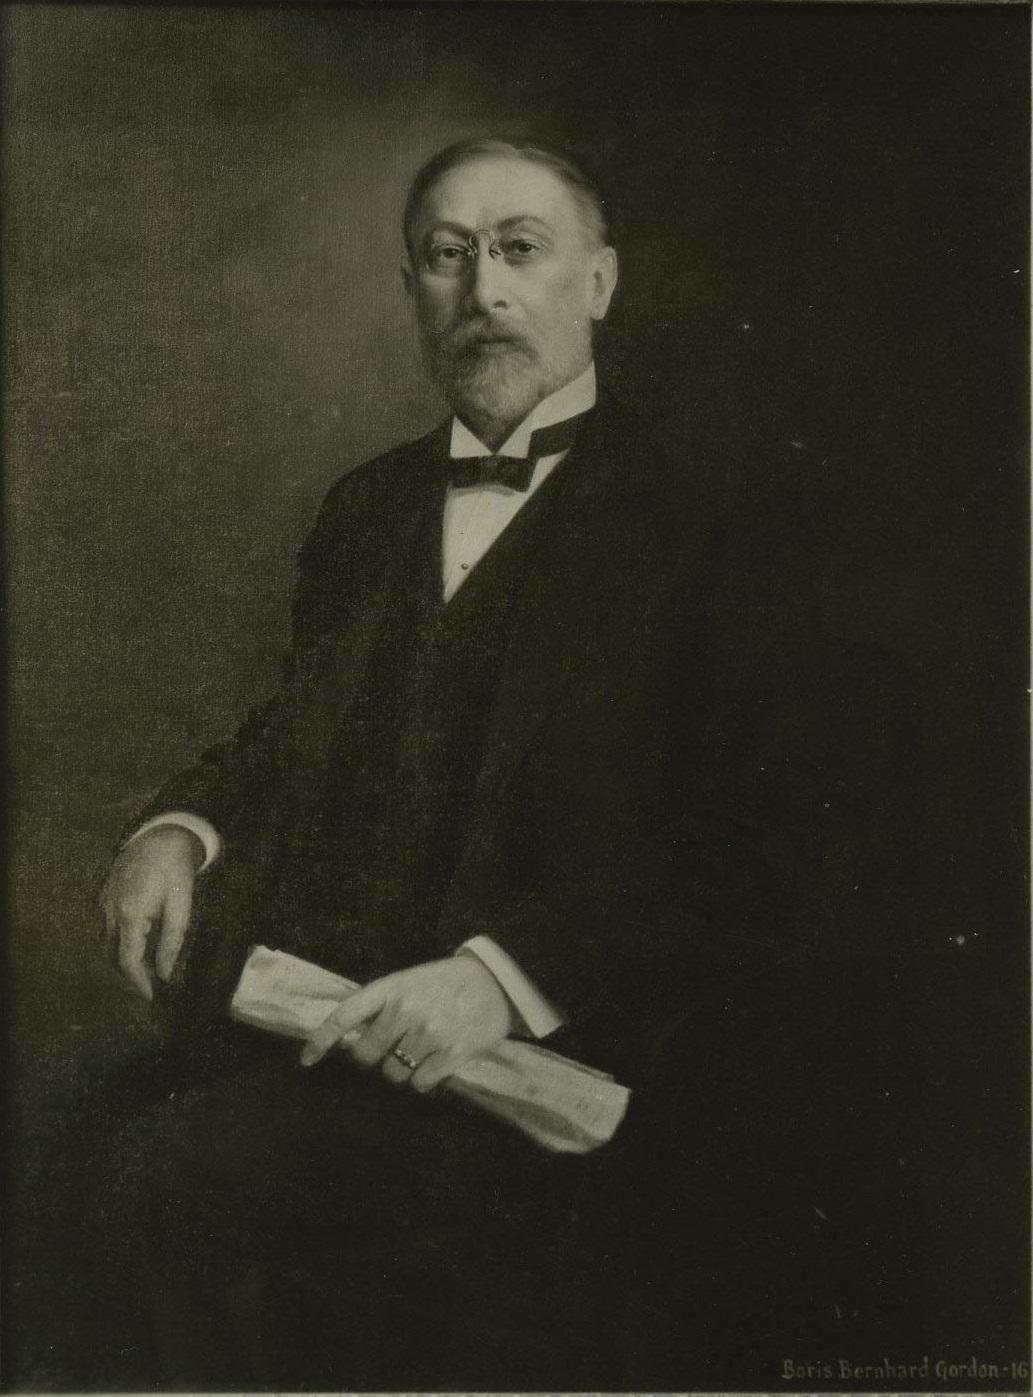 Portrait painting of George C. Boldt, 1916